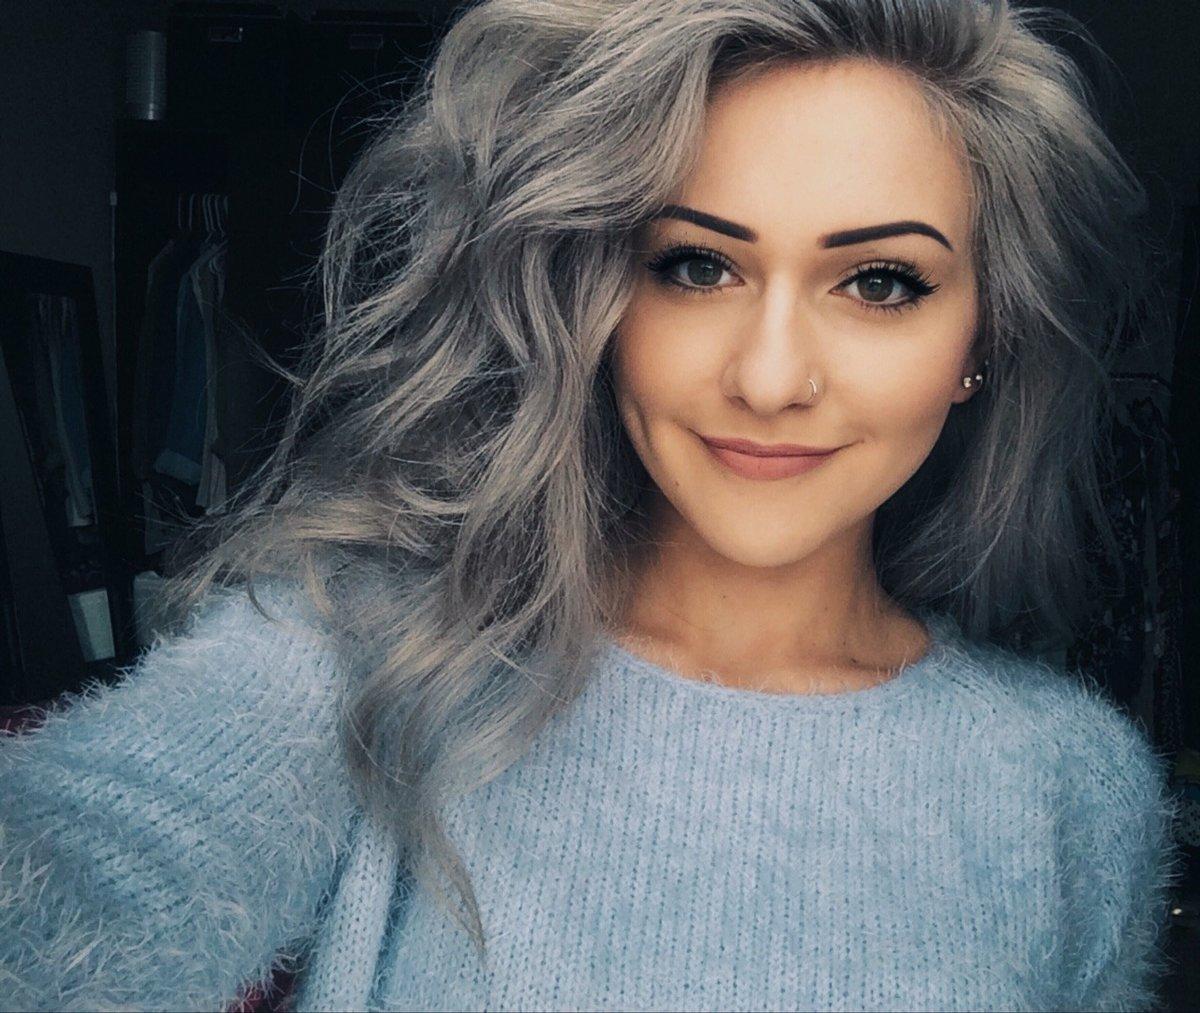 Пепельный оттенок волос картинки